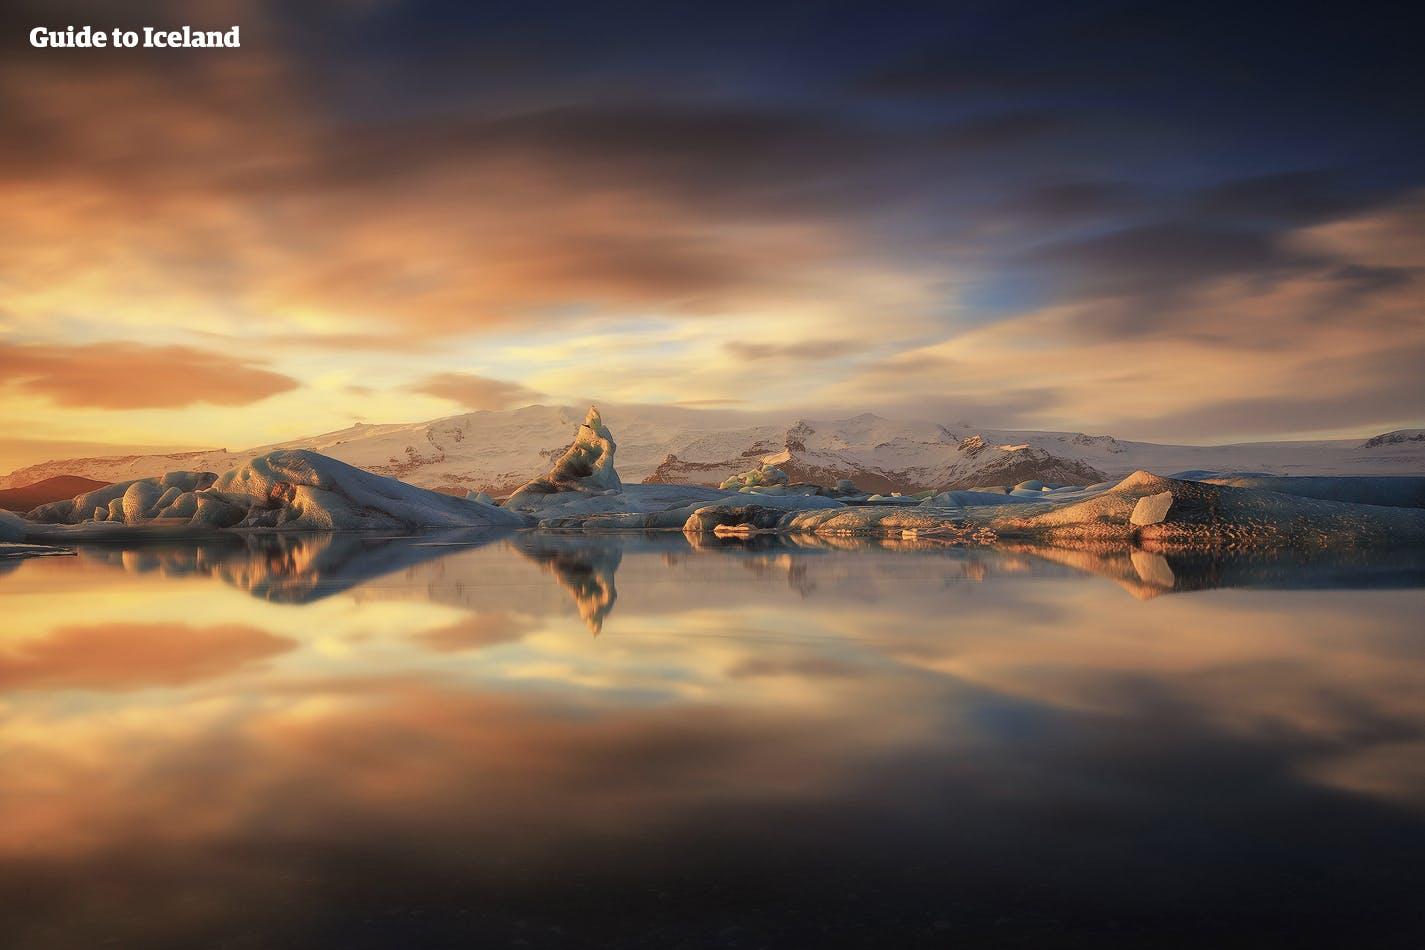 '아이슬란드의 백미' 요쿨살론입니다.